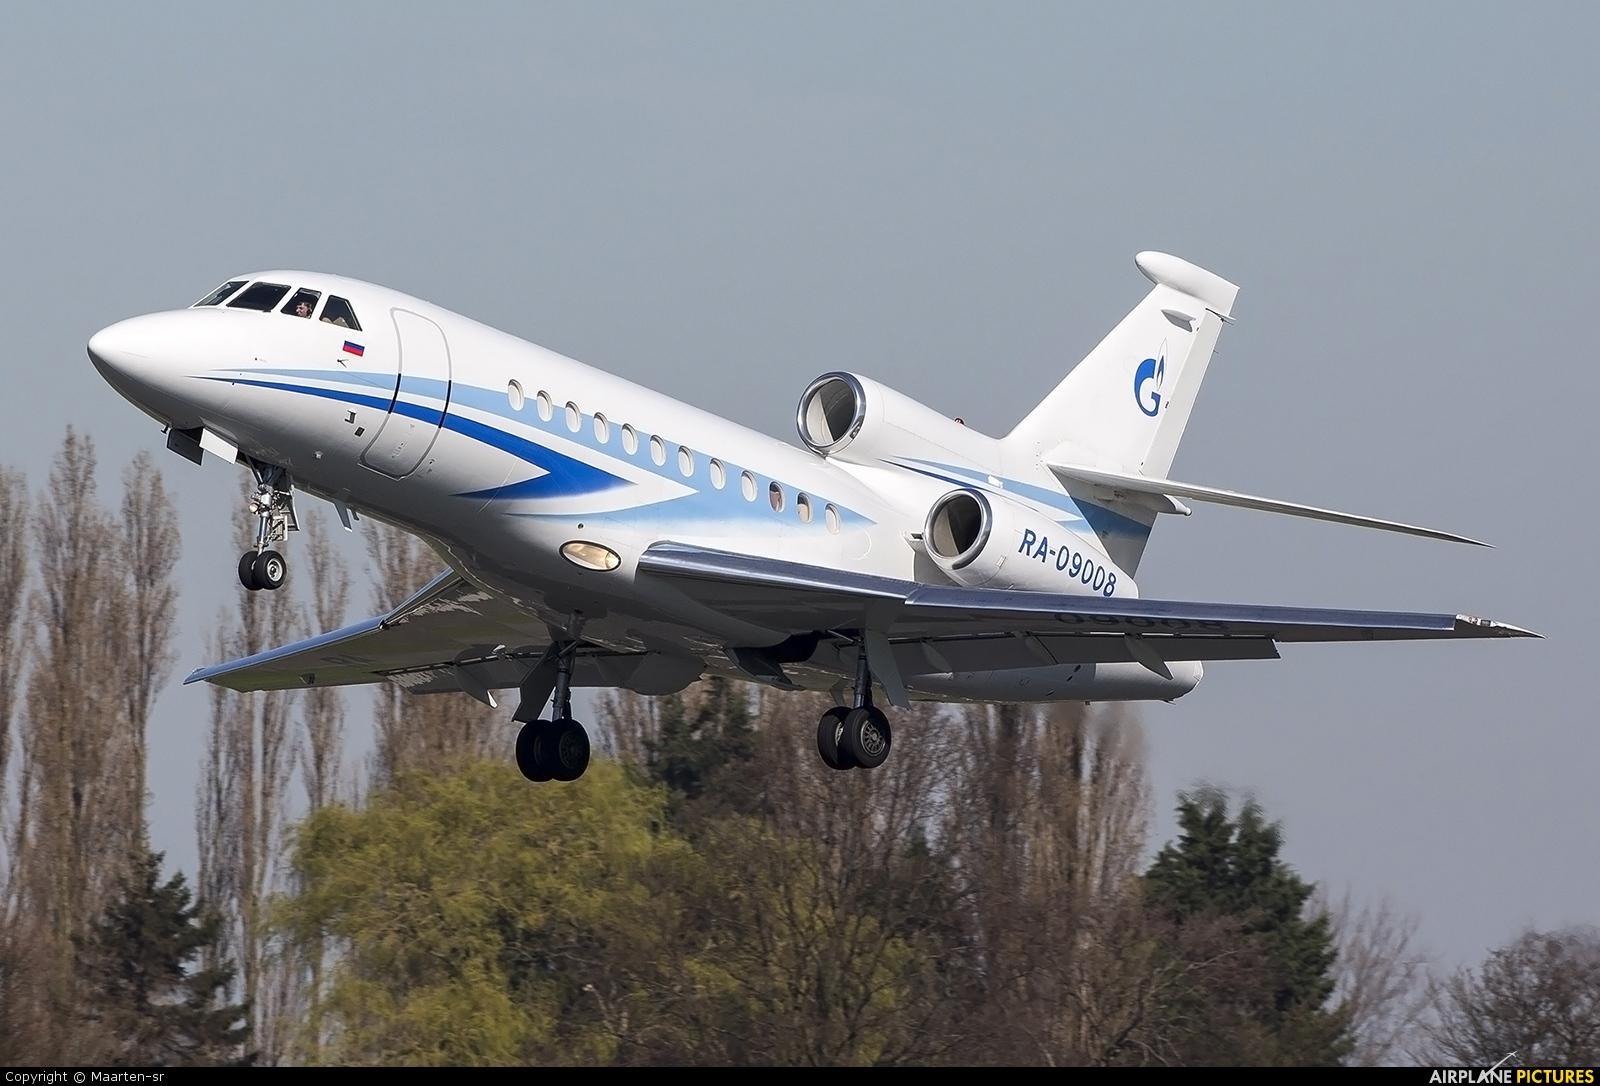 Gazpromavia RA-09008 aircraft at Rotterdam